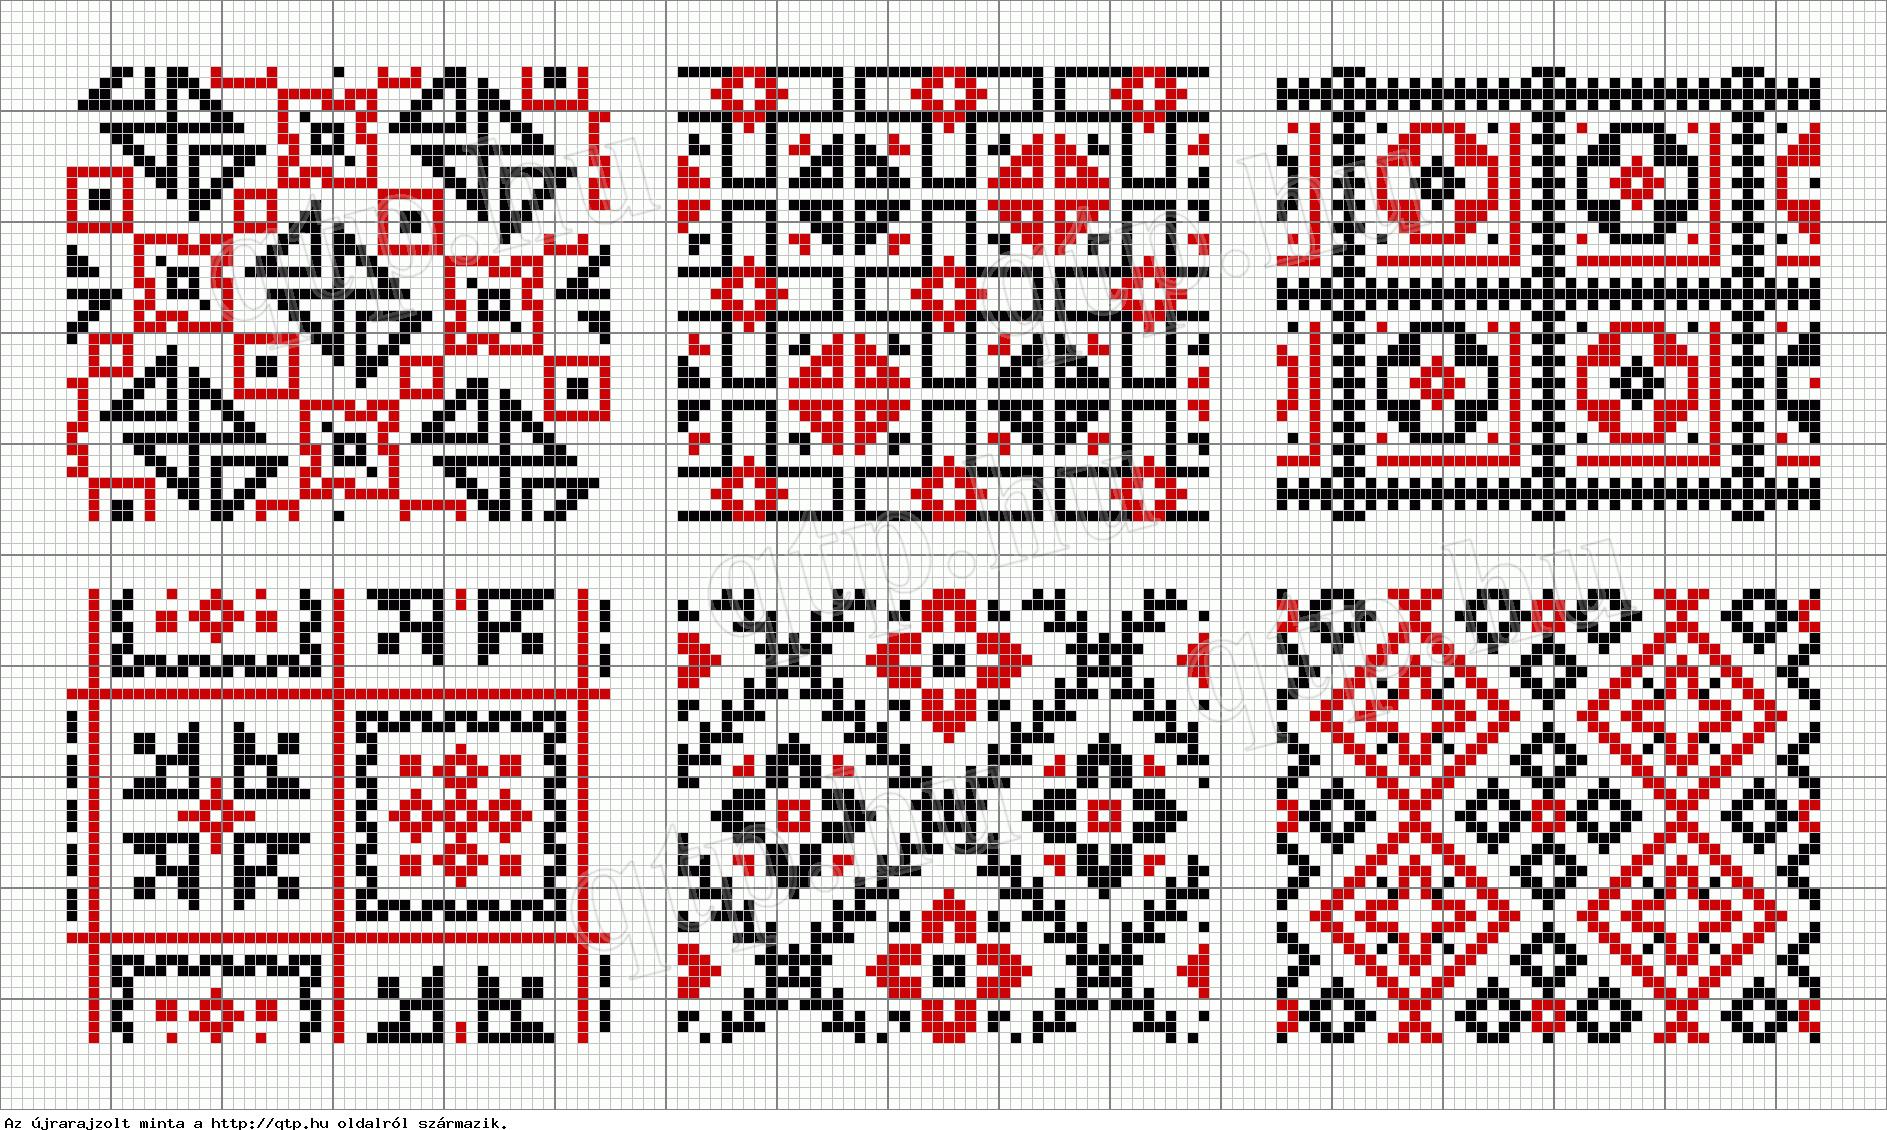 47.png 1887 × 1130 pixlar